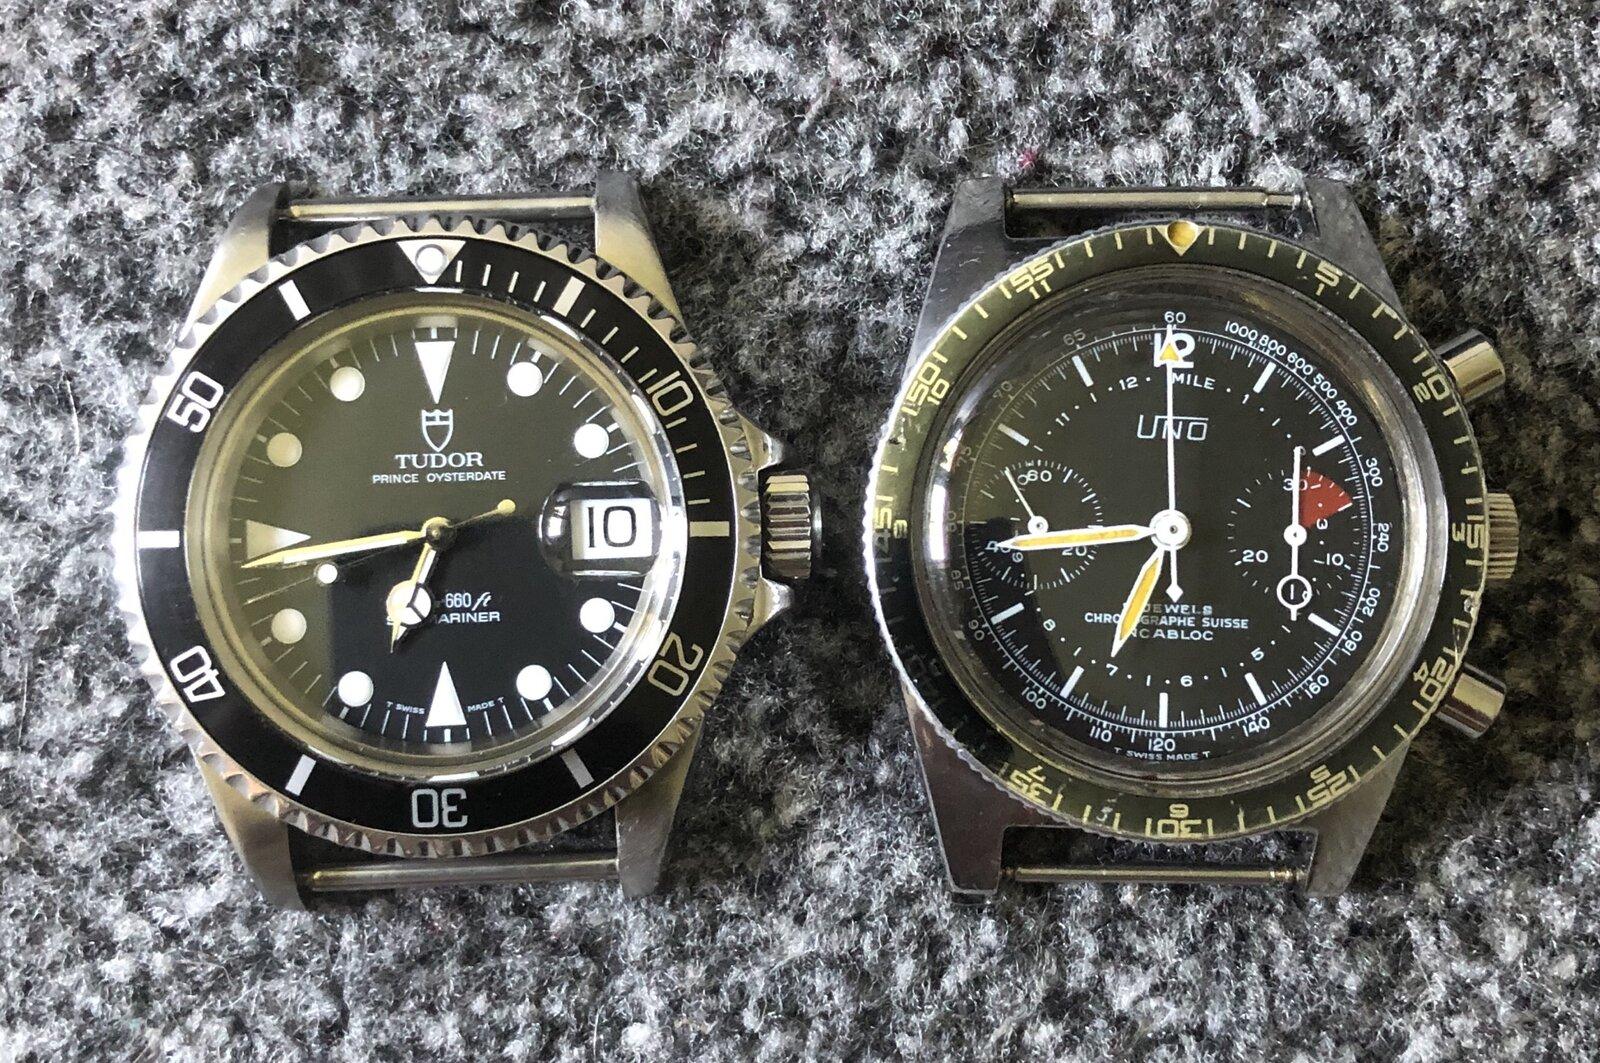 3721B0ED-2322-427D-9DC6-DC8C6AAE7234.